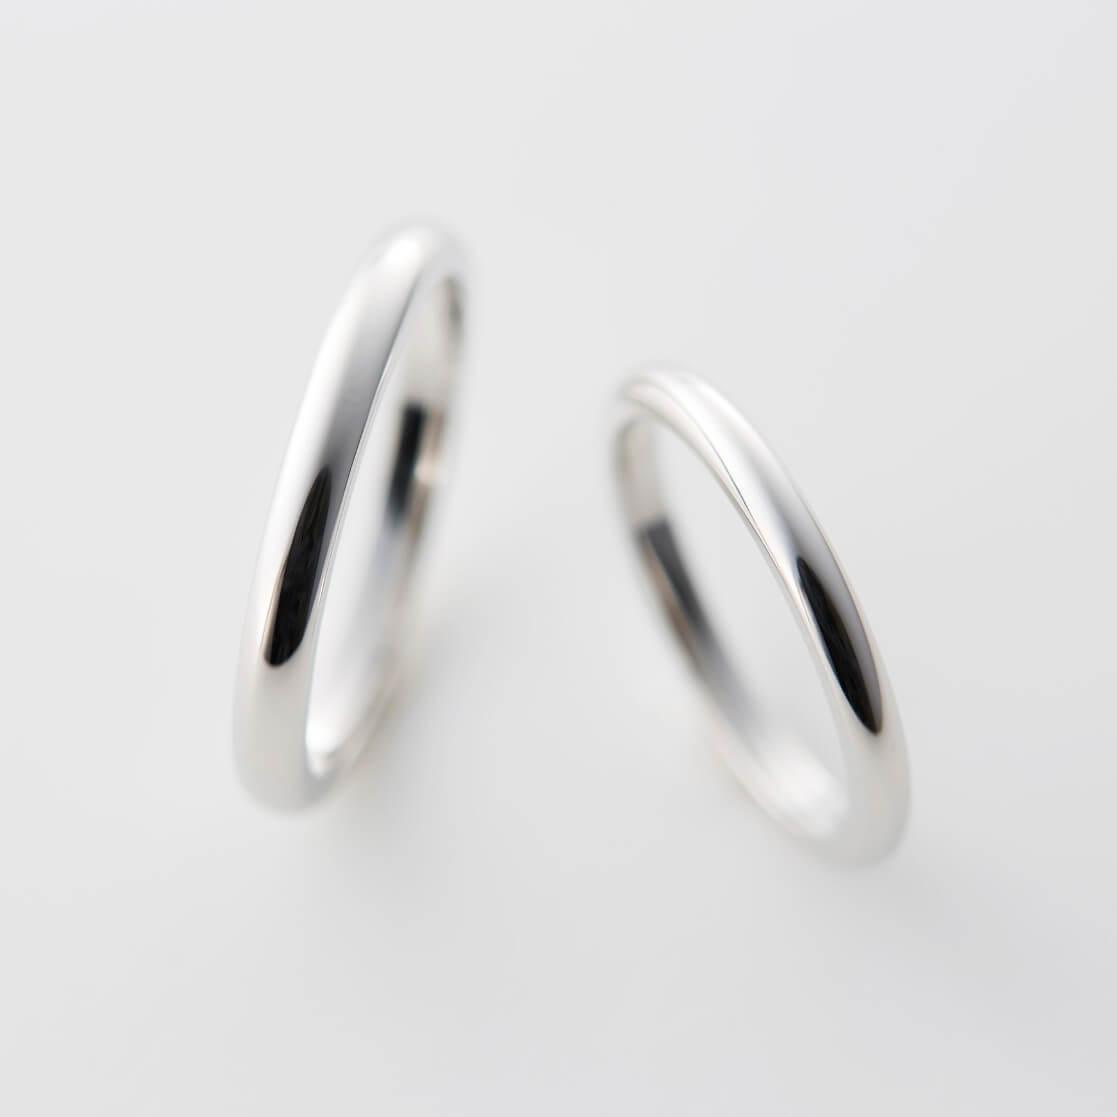 プラチナのストレートの結婚指輪